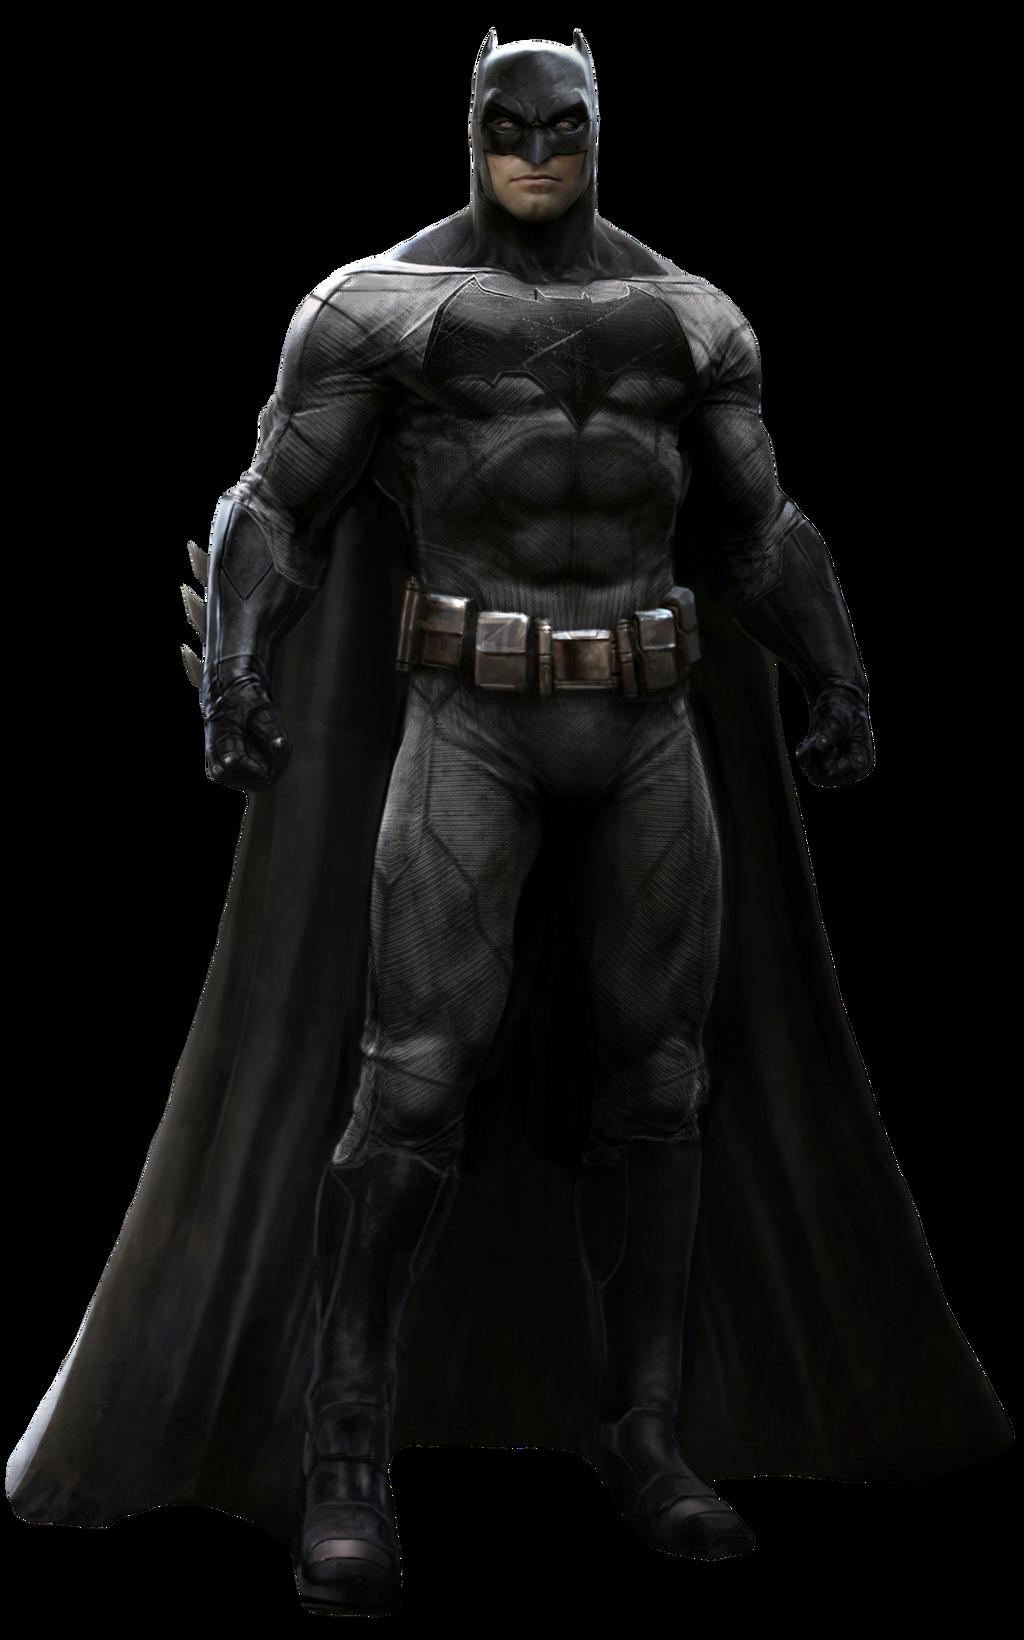 Batman - Transparent by Asthonx1